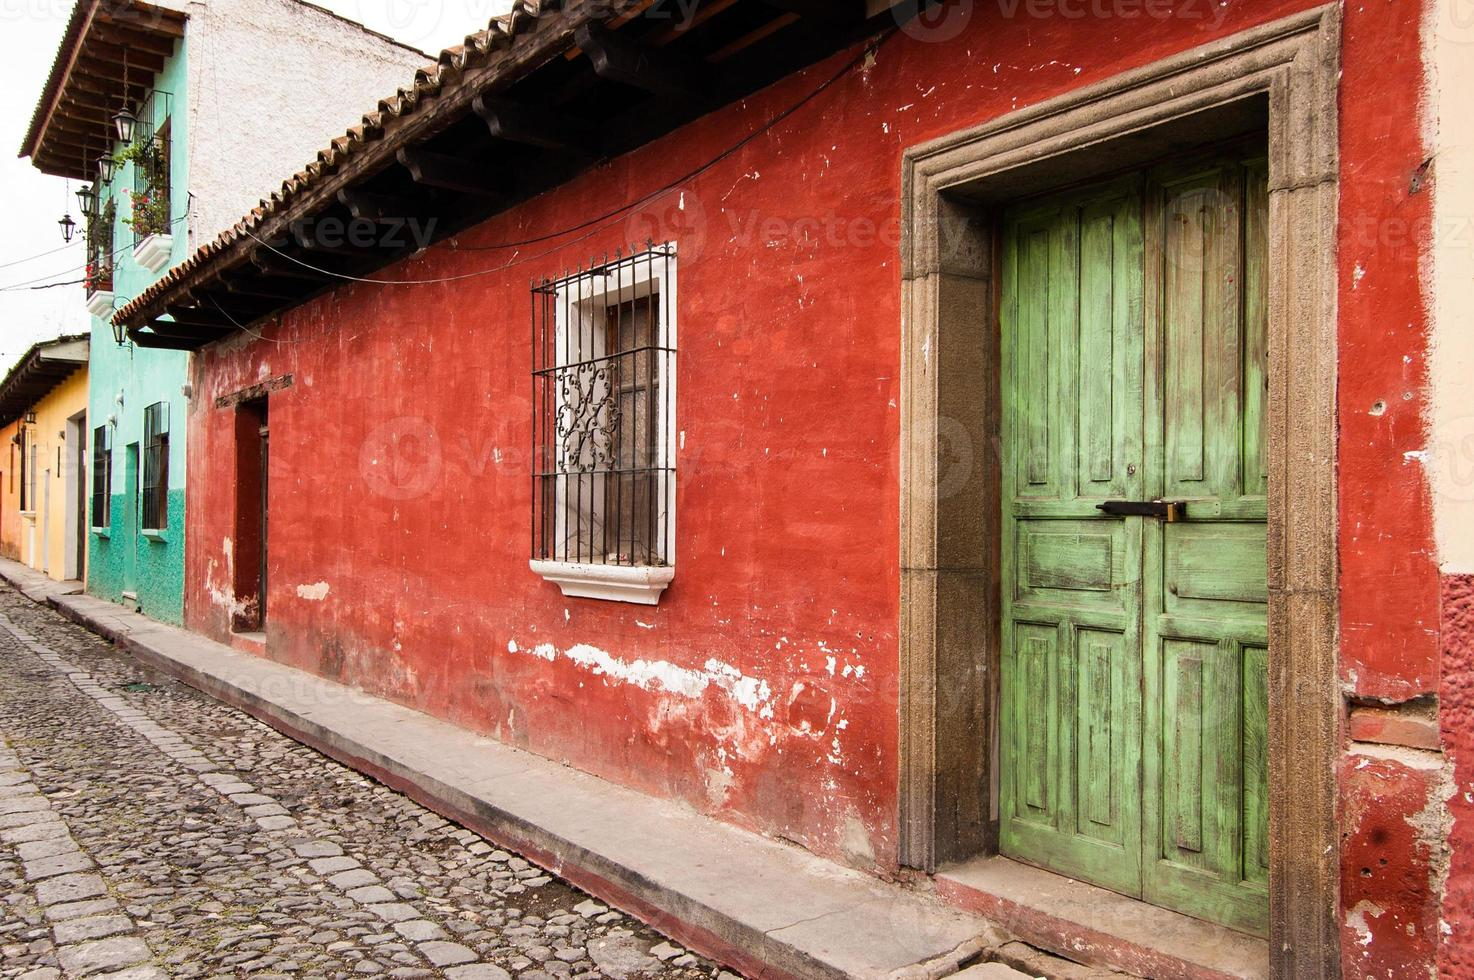 kleurrijk geschilderde huizen in koloniale stad foto